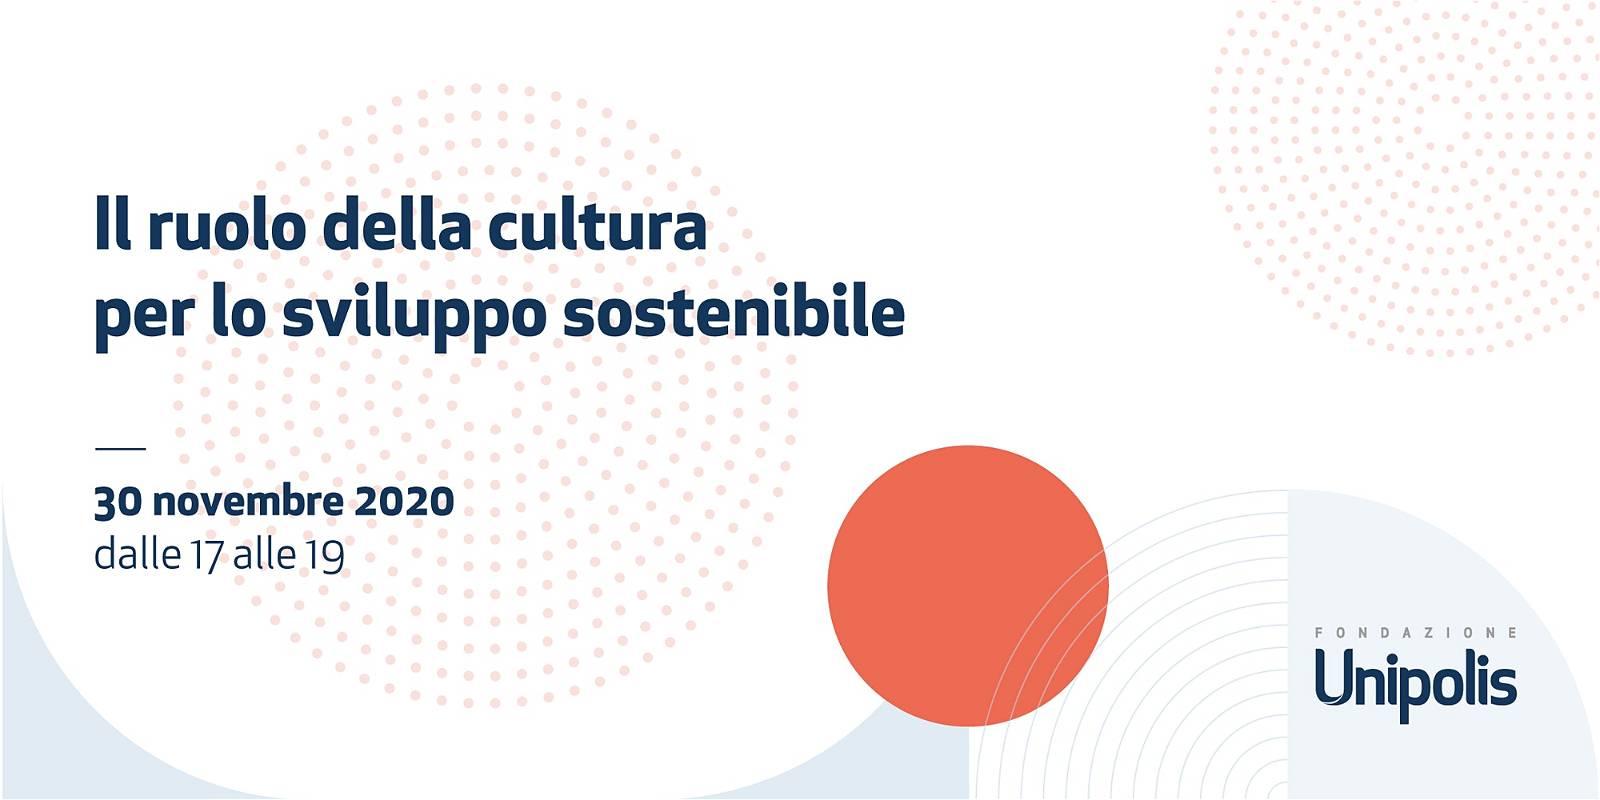 Il ruolo della cultura per lo sviluppo sostenibile